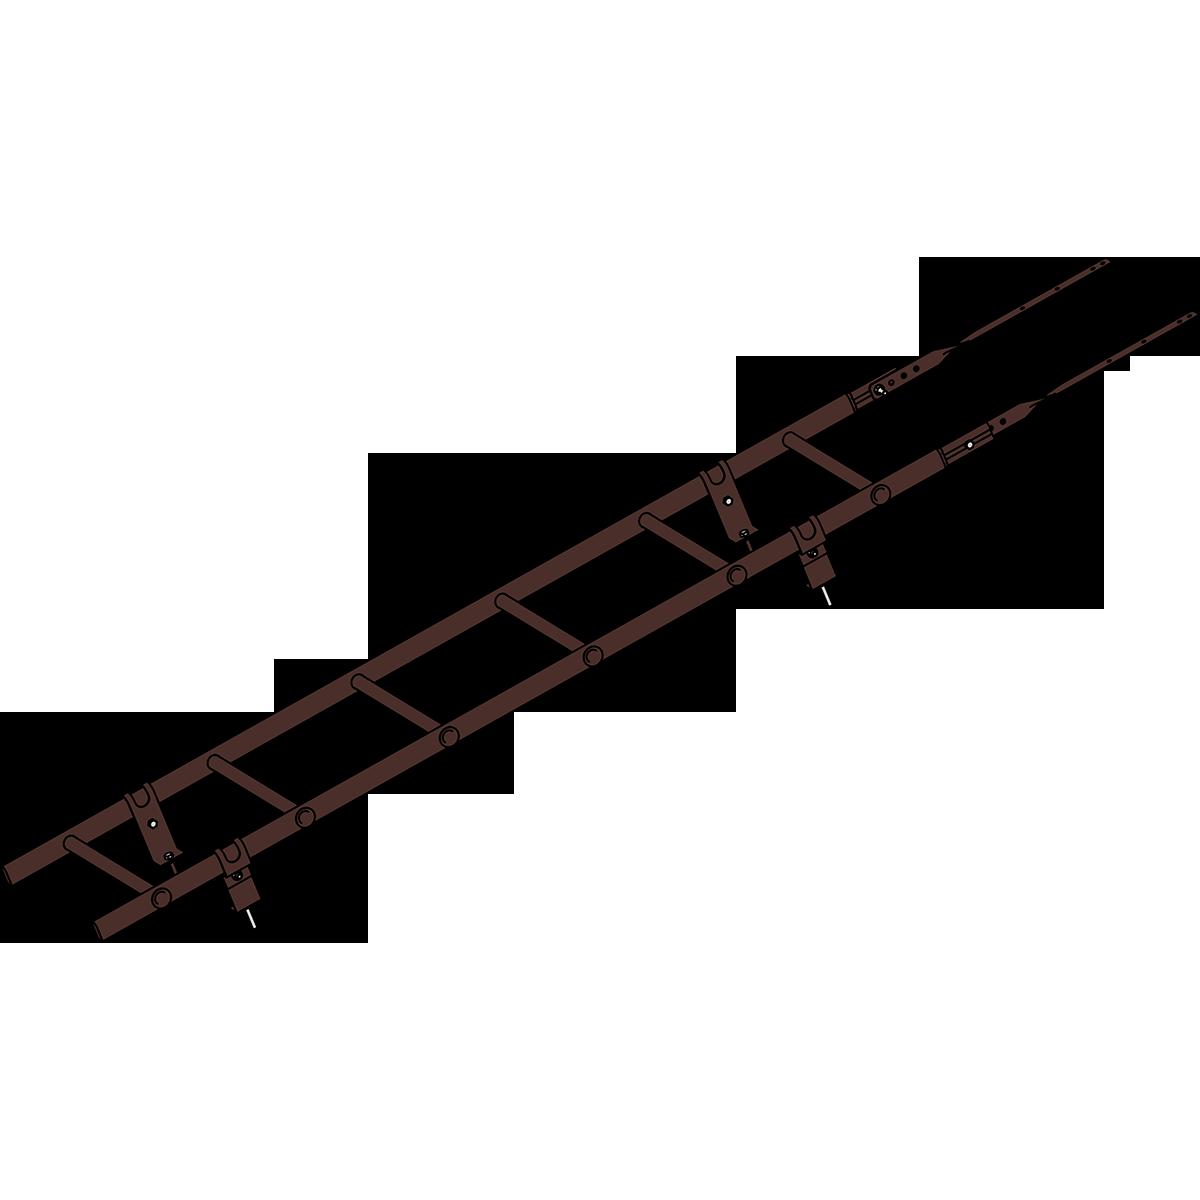 Лестница кровельная ROOFSYSTEMS PRESTIGE ZN 45х25 (овал) 400 унивеpсальная 1,2 м RAL 8017 Коричневый шоколад